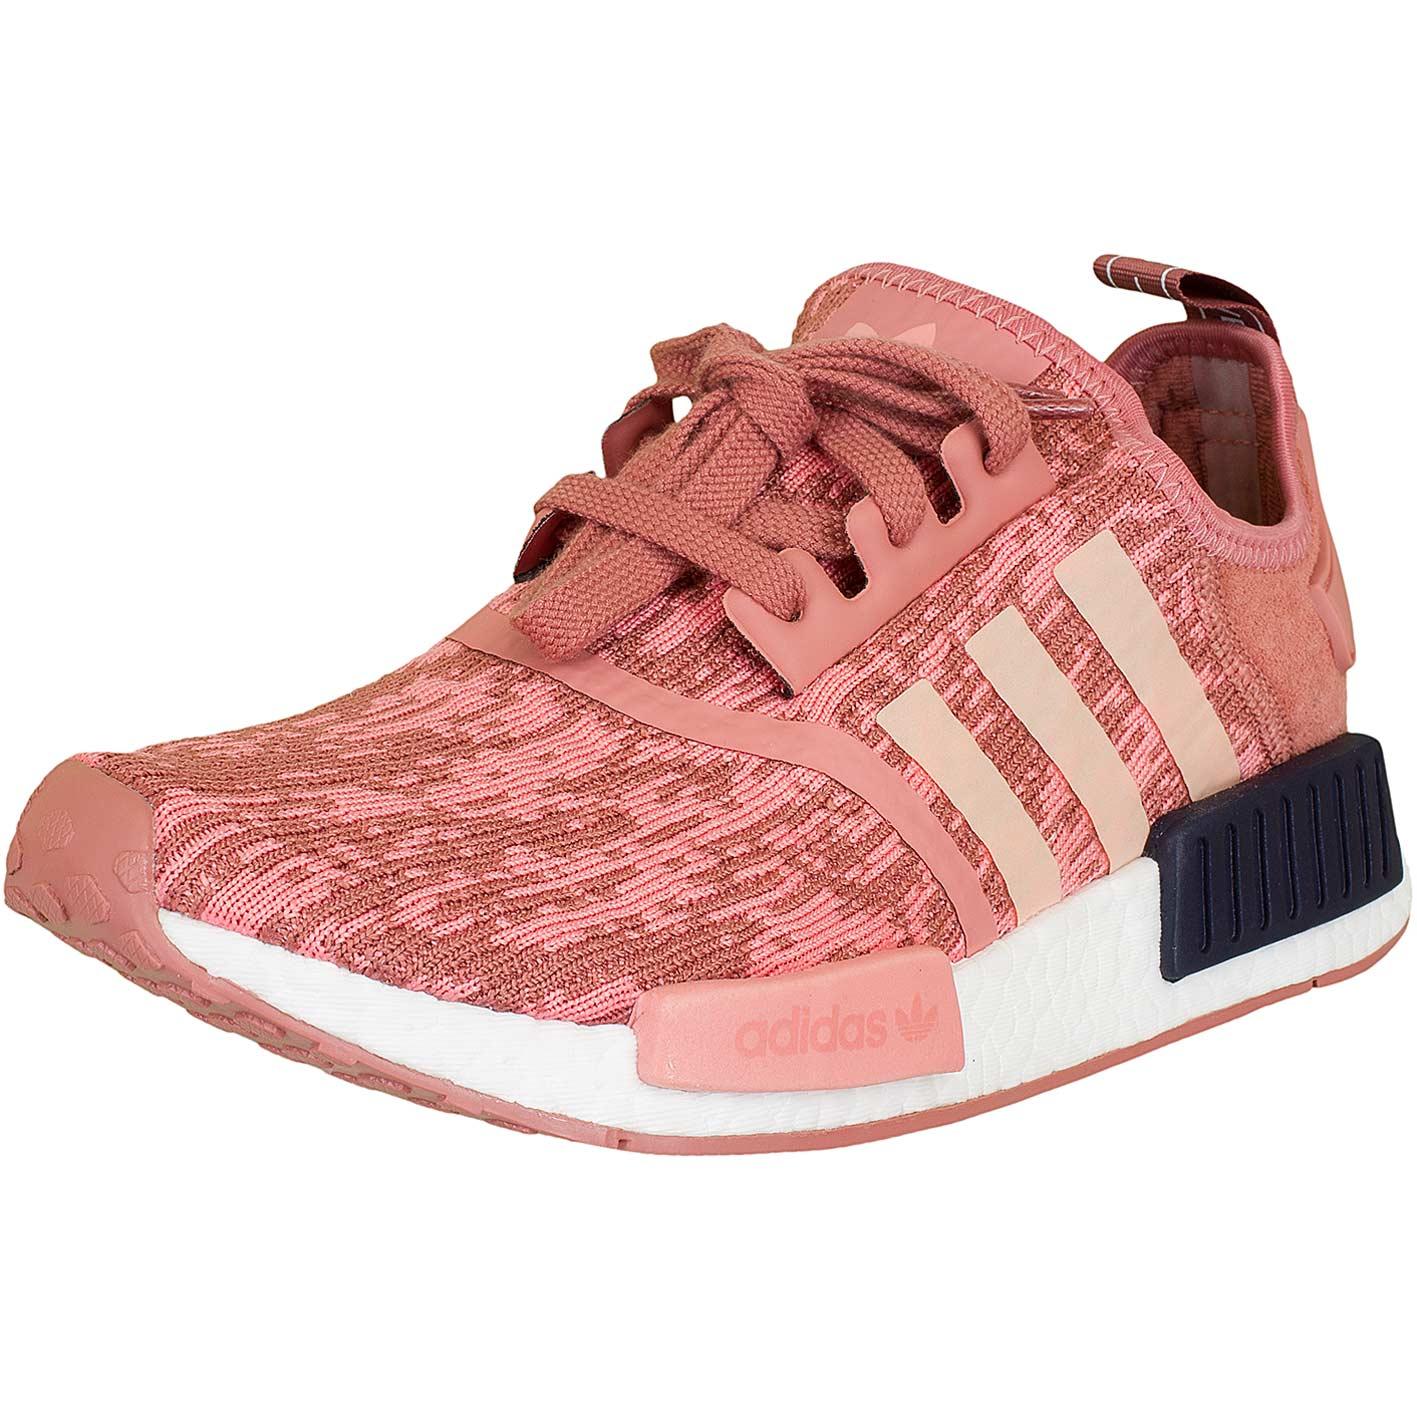 adidas nmd frauen rosa -